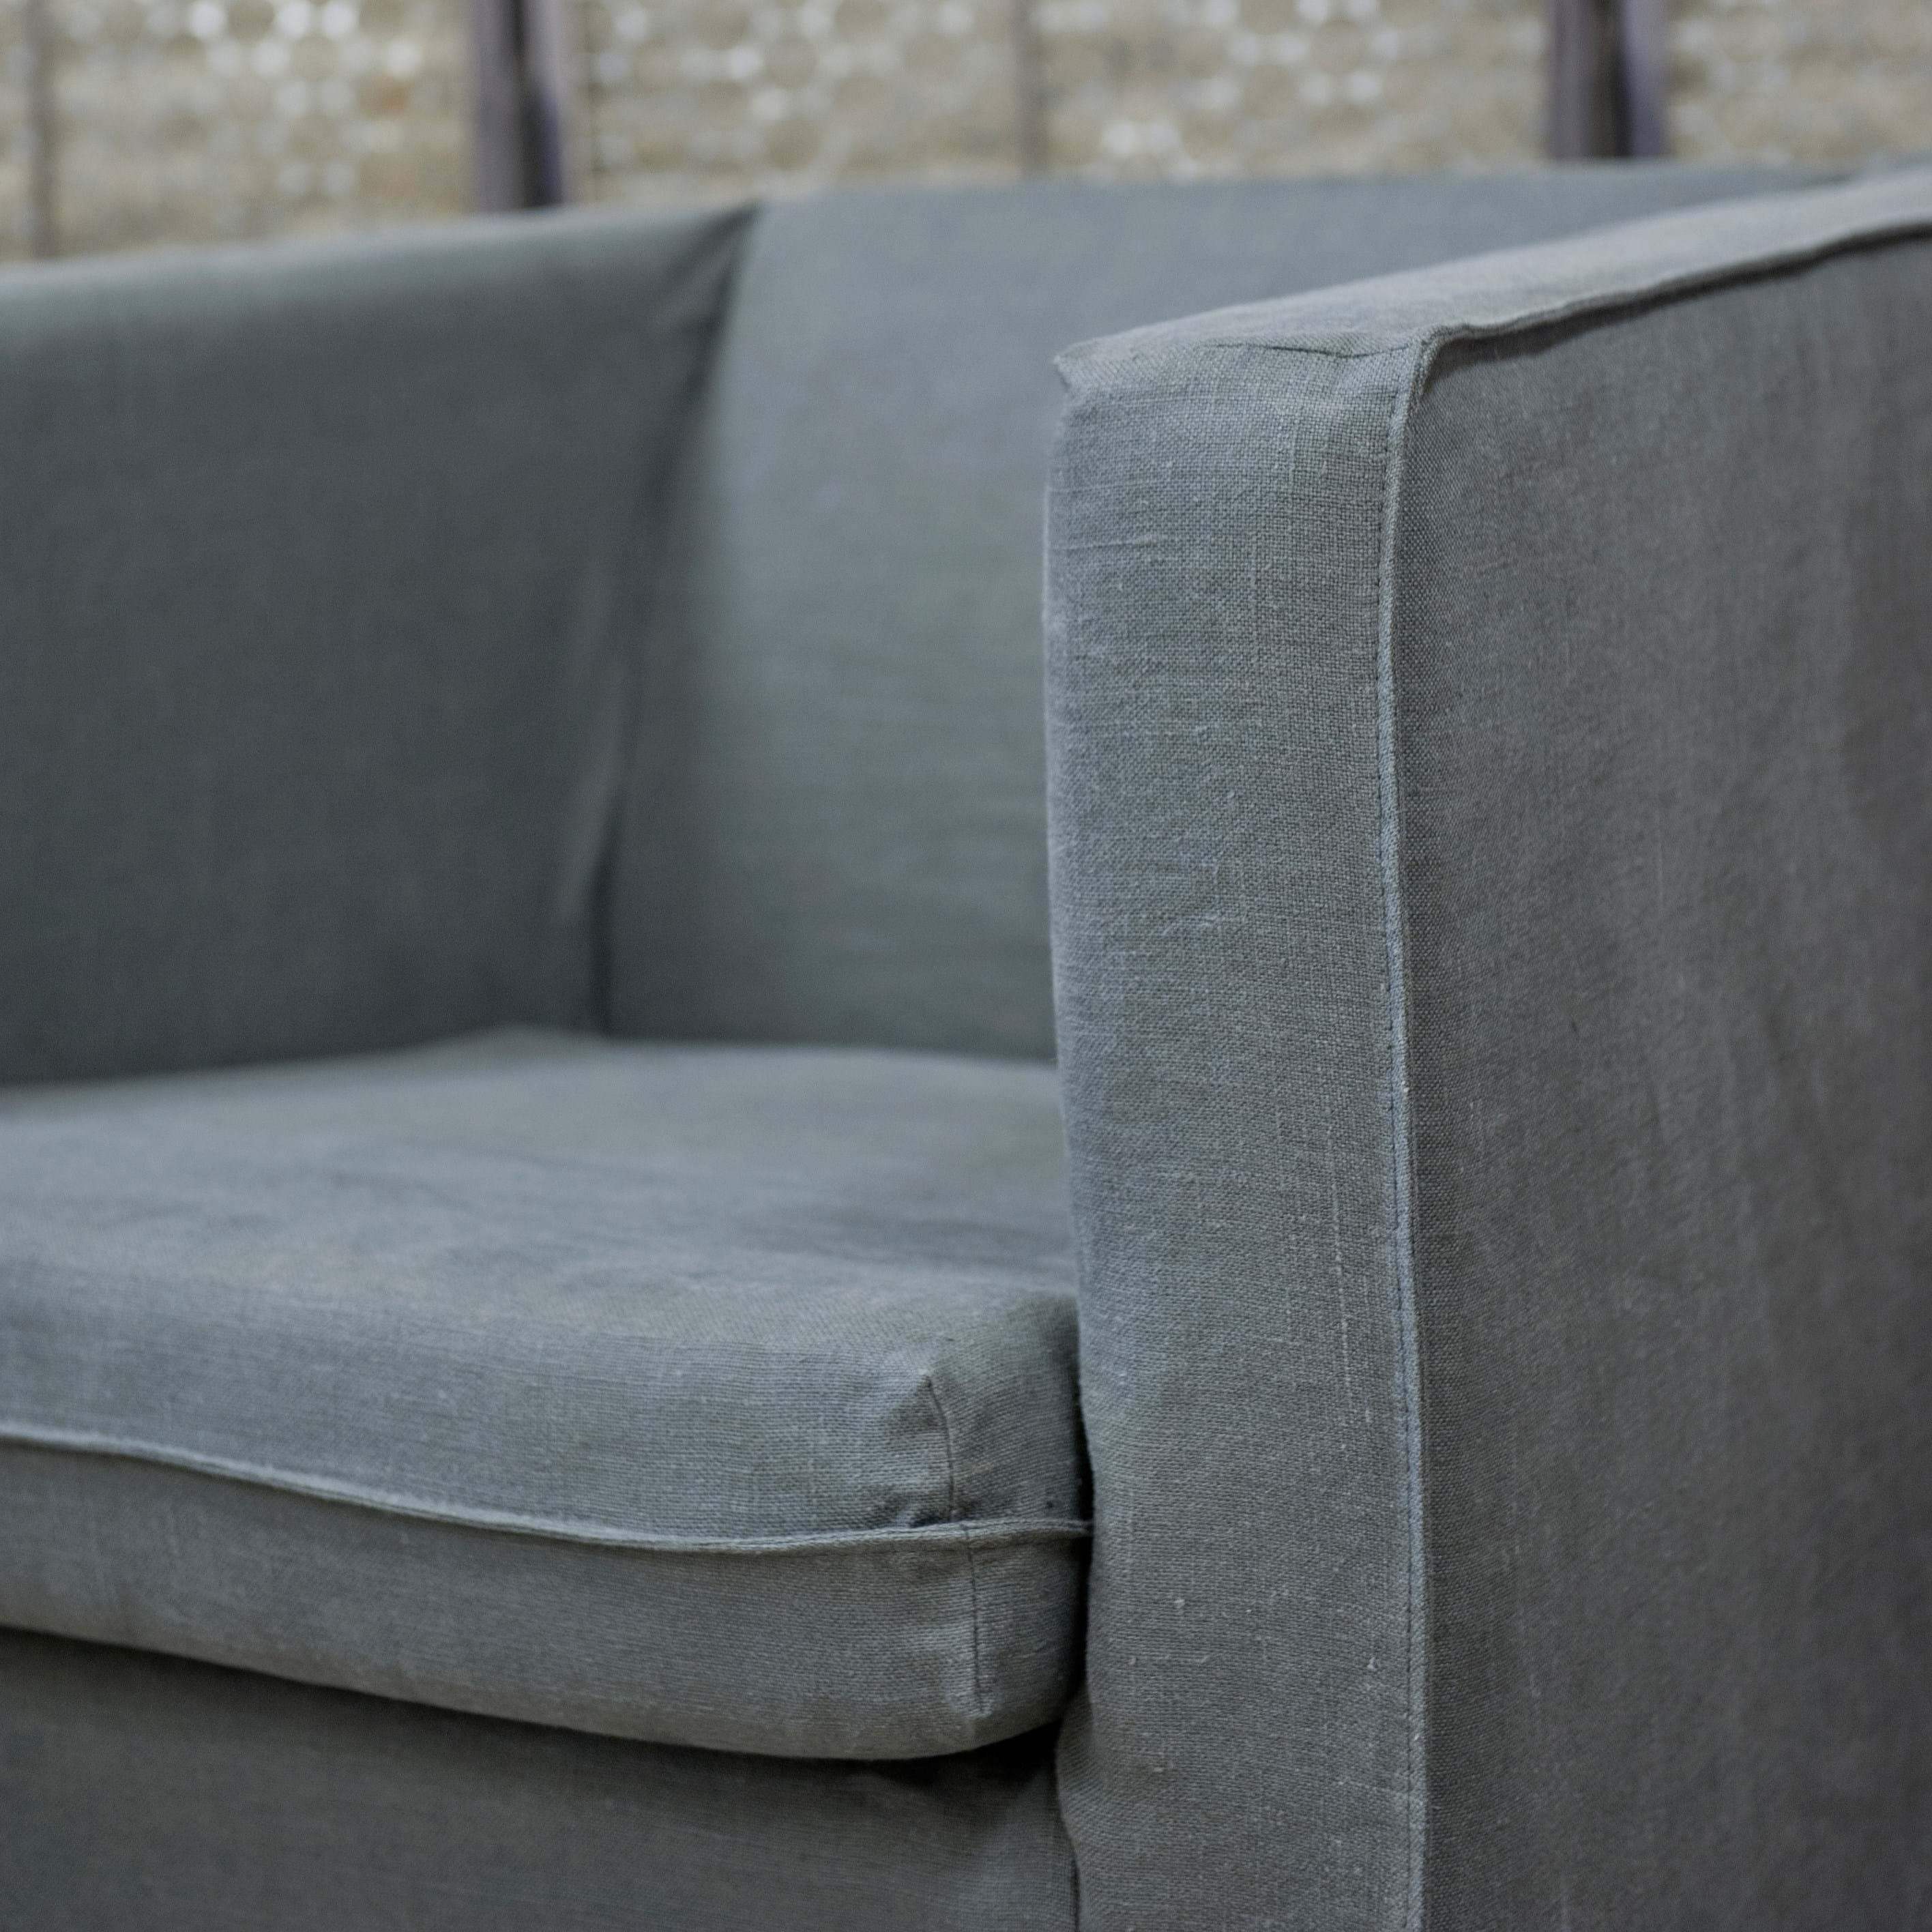 Wondrous Ikea Klappsta Armchair Cover Loose Fit Bemz Inzonedesignstudio Interior Chair Design Inzonedesignstudiocom